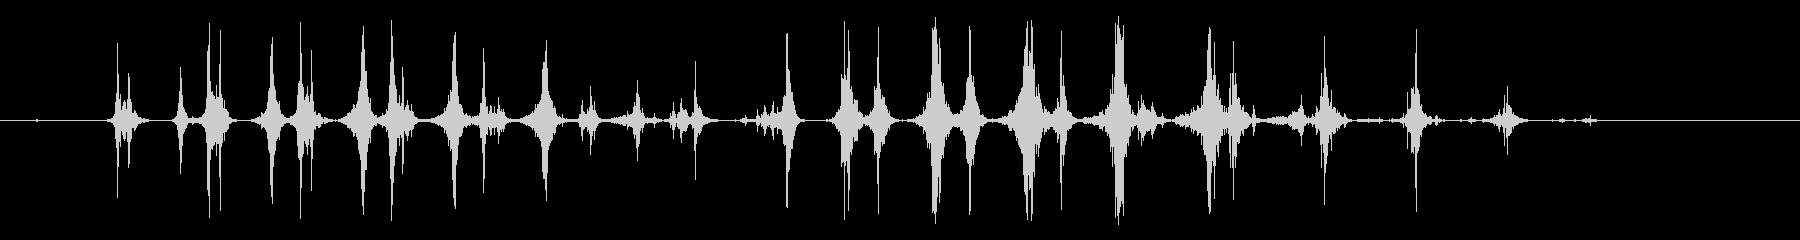 生物力学クリーチャー:短い機械的ス...の未再生の波形